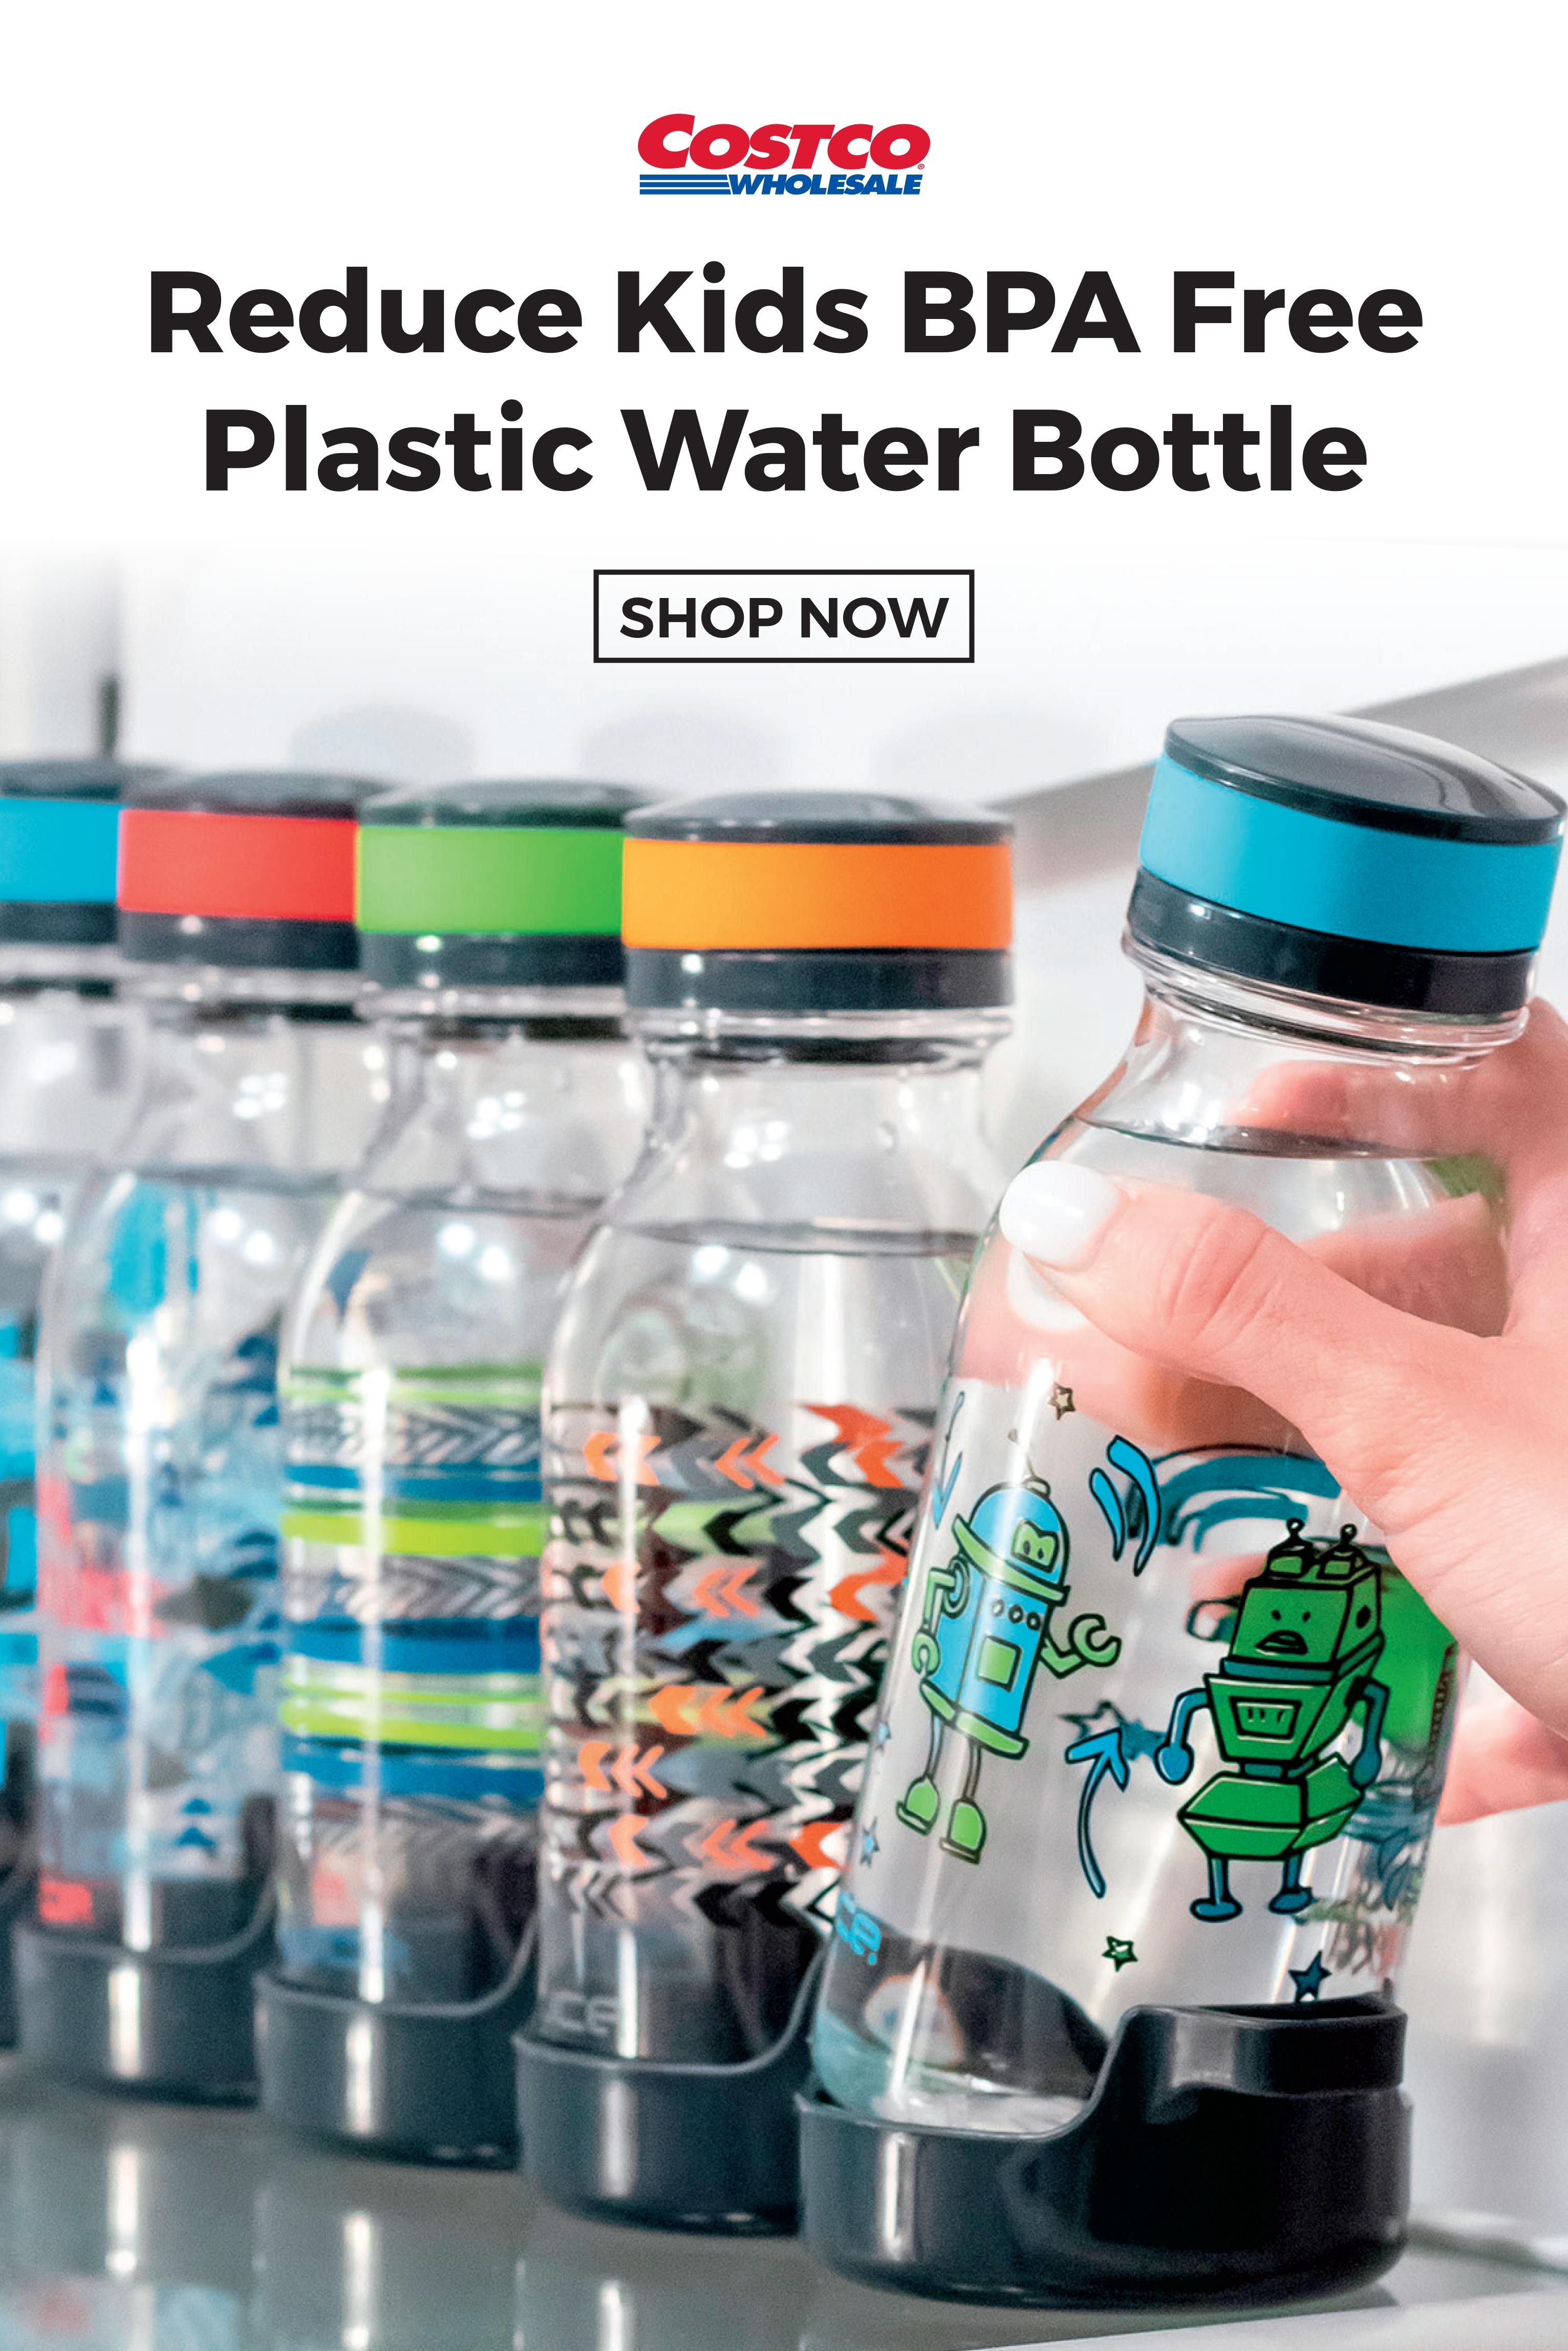 Reduce Kids Bpa Free Plastic Water Bottle 14oz 5 Pack In 2020 Water Bottle Bpa Free Plastic Plastic Water Bottle